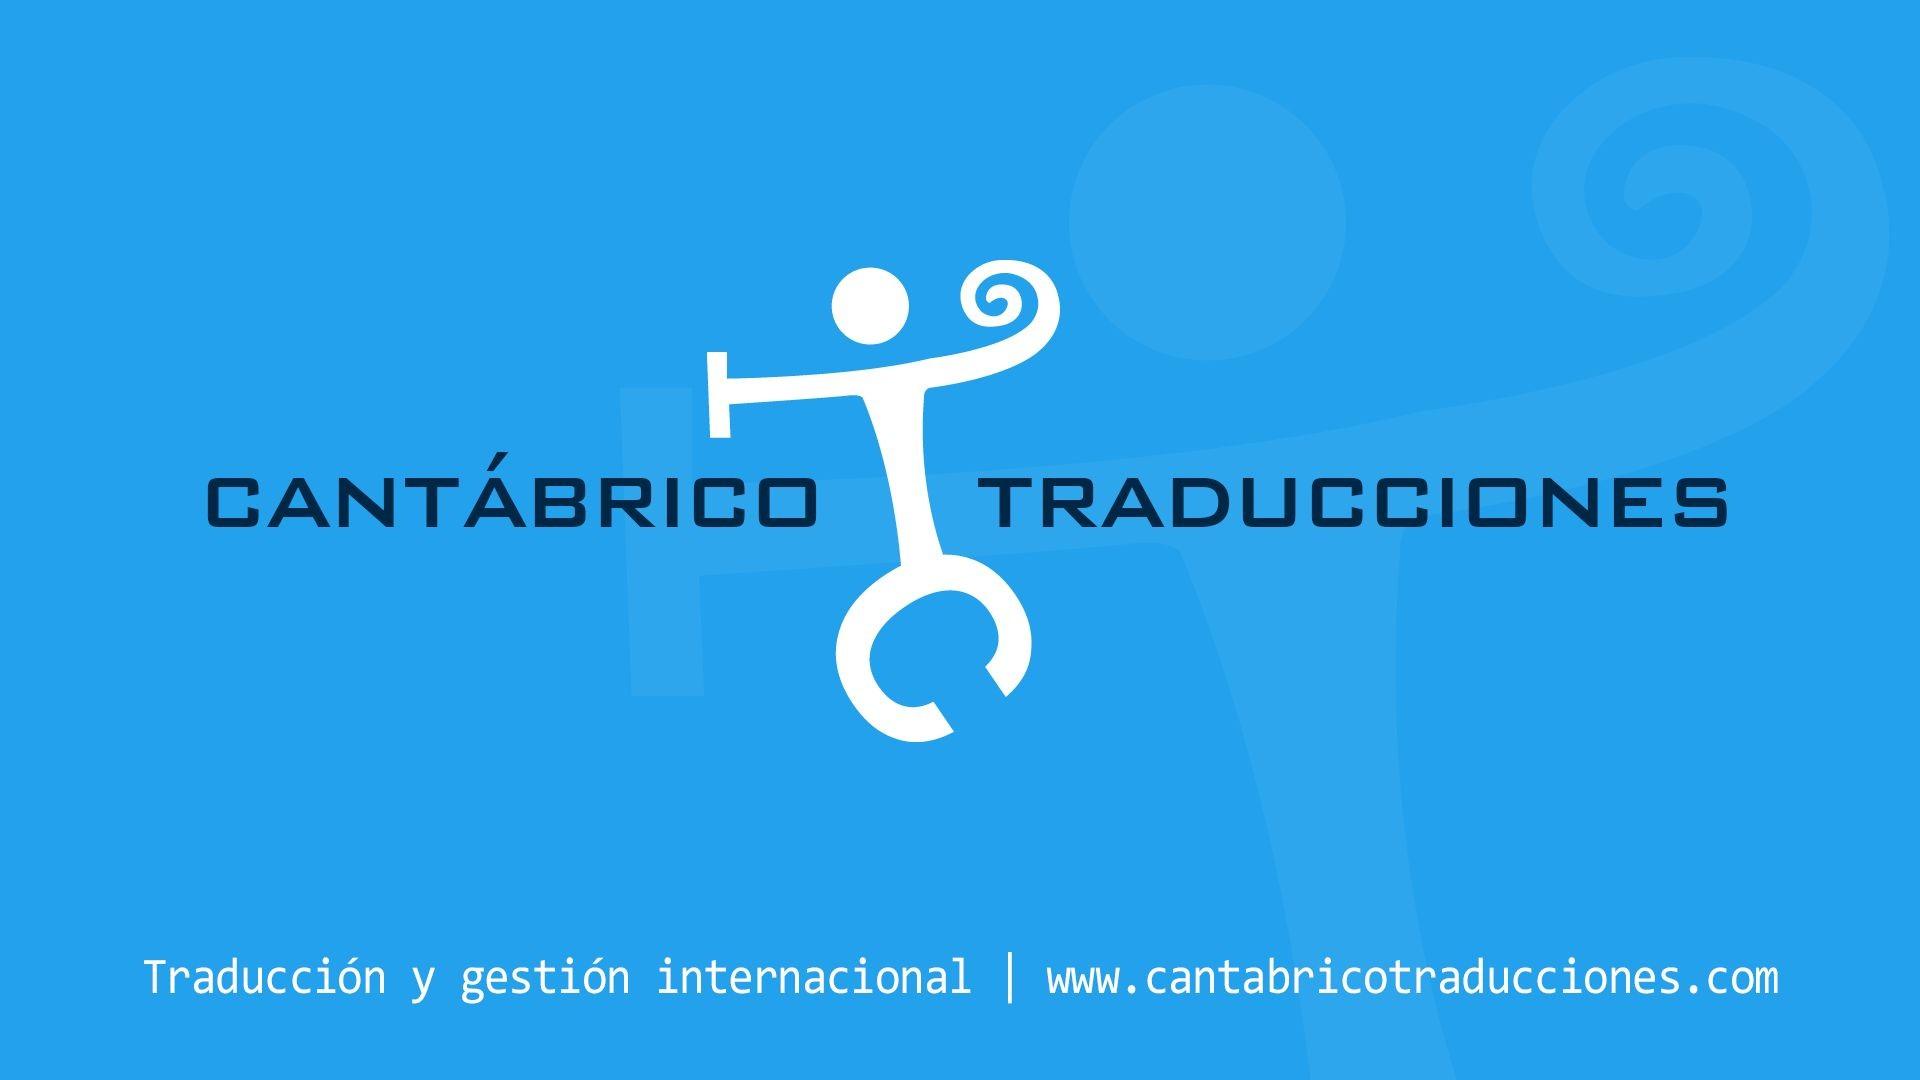 traducciones juradas 1920x1080